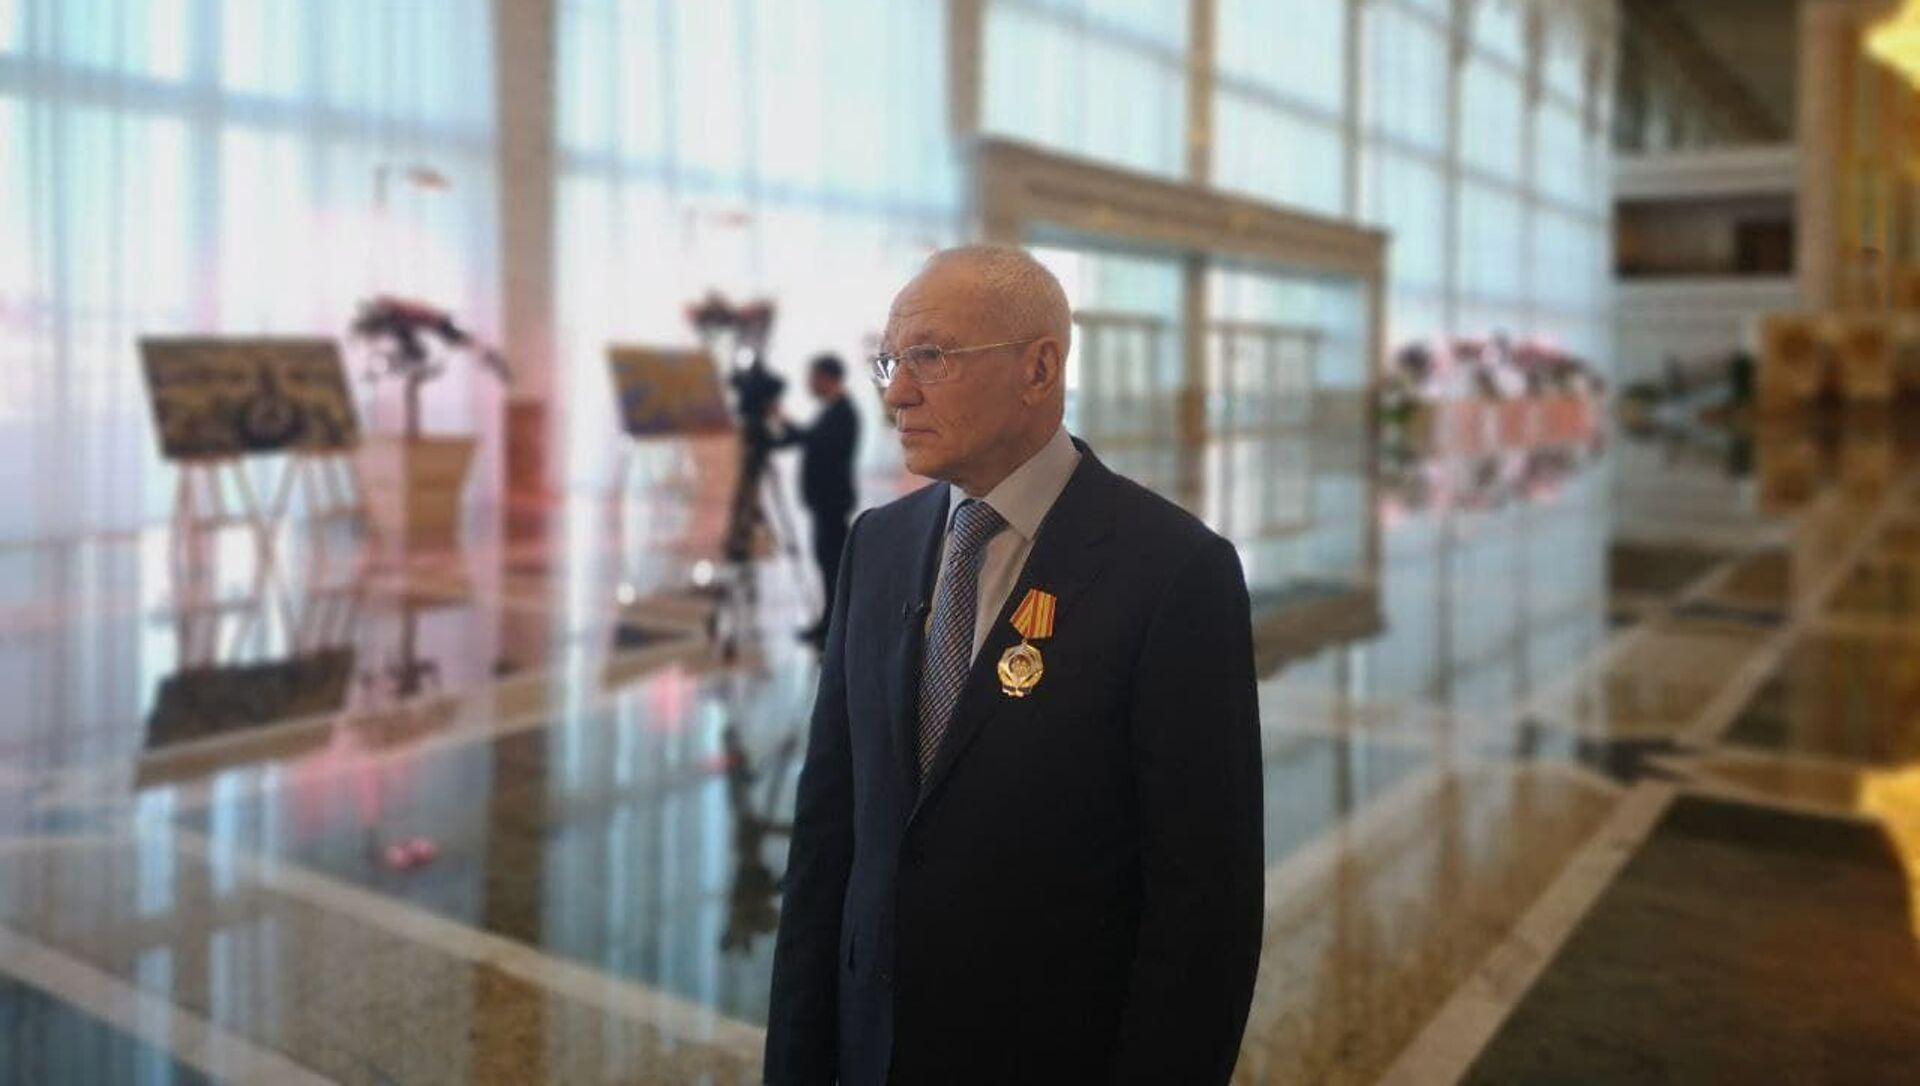 Государственному секретарю Союзного государства был вручен орден Почета - Sputnik Беларусь, 1920, 18.02.2021